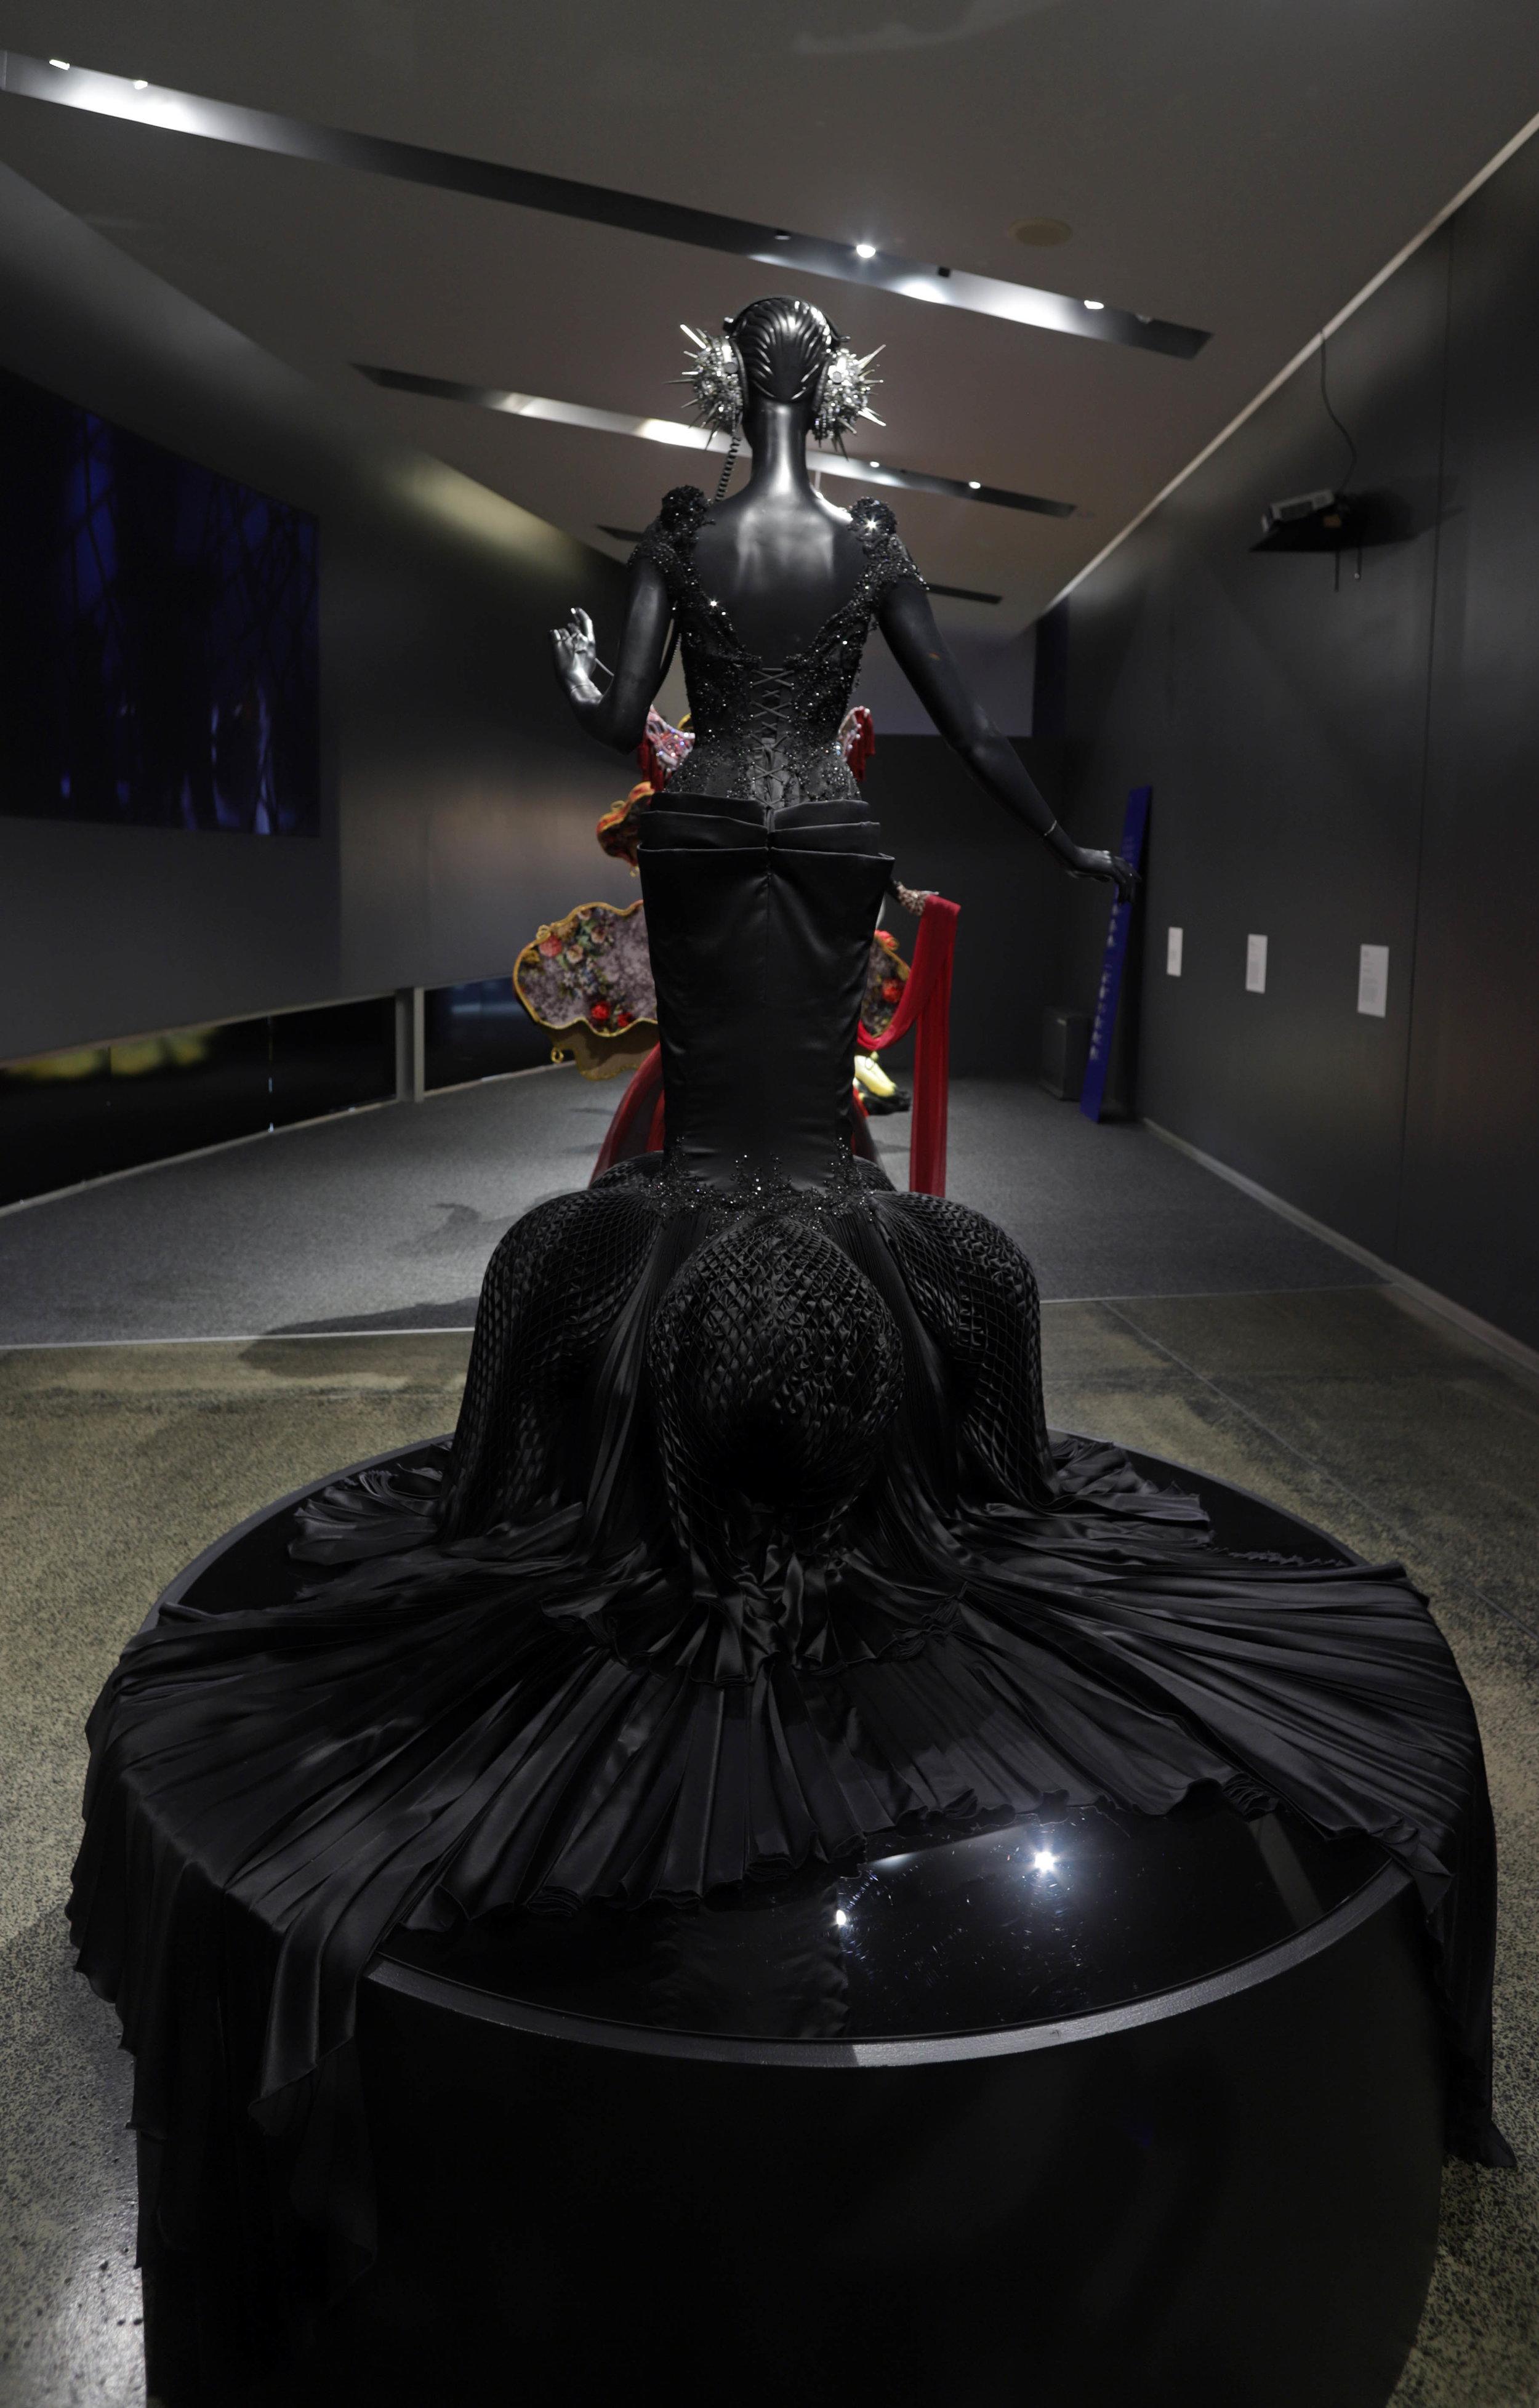 2018 Exhibition_Echoplex-Goddess of Reverb (3).jpg